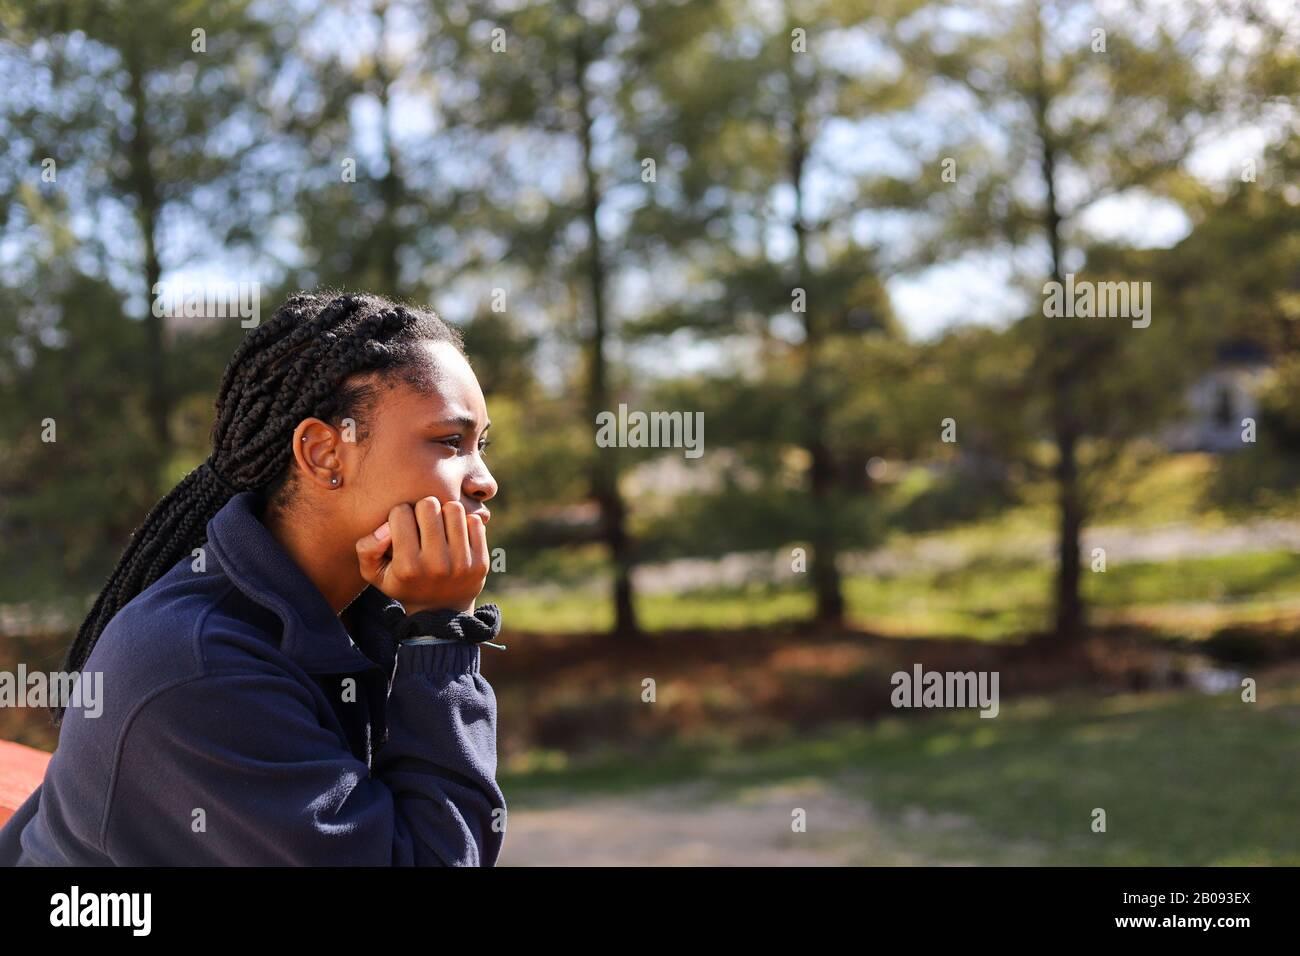 Porträt eines afroamerikanischen Teenagermädchens, das tief überlegt wegschaut Stockfoto